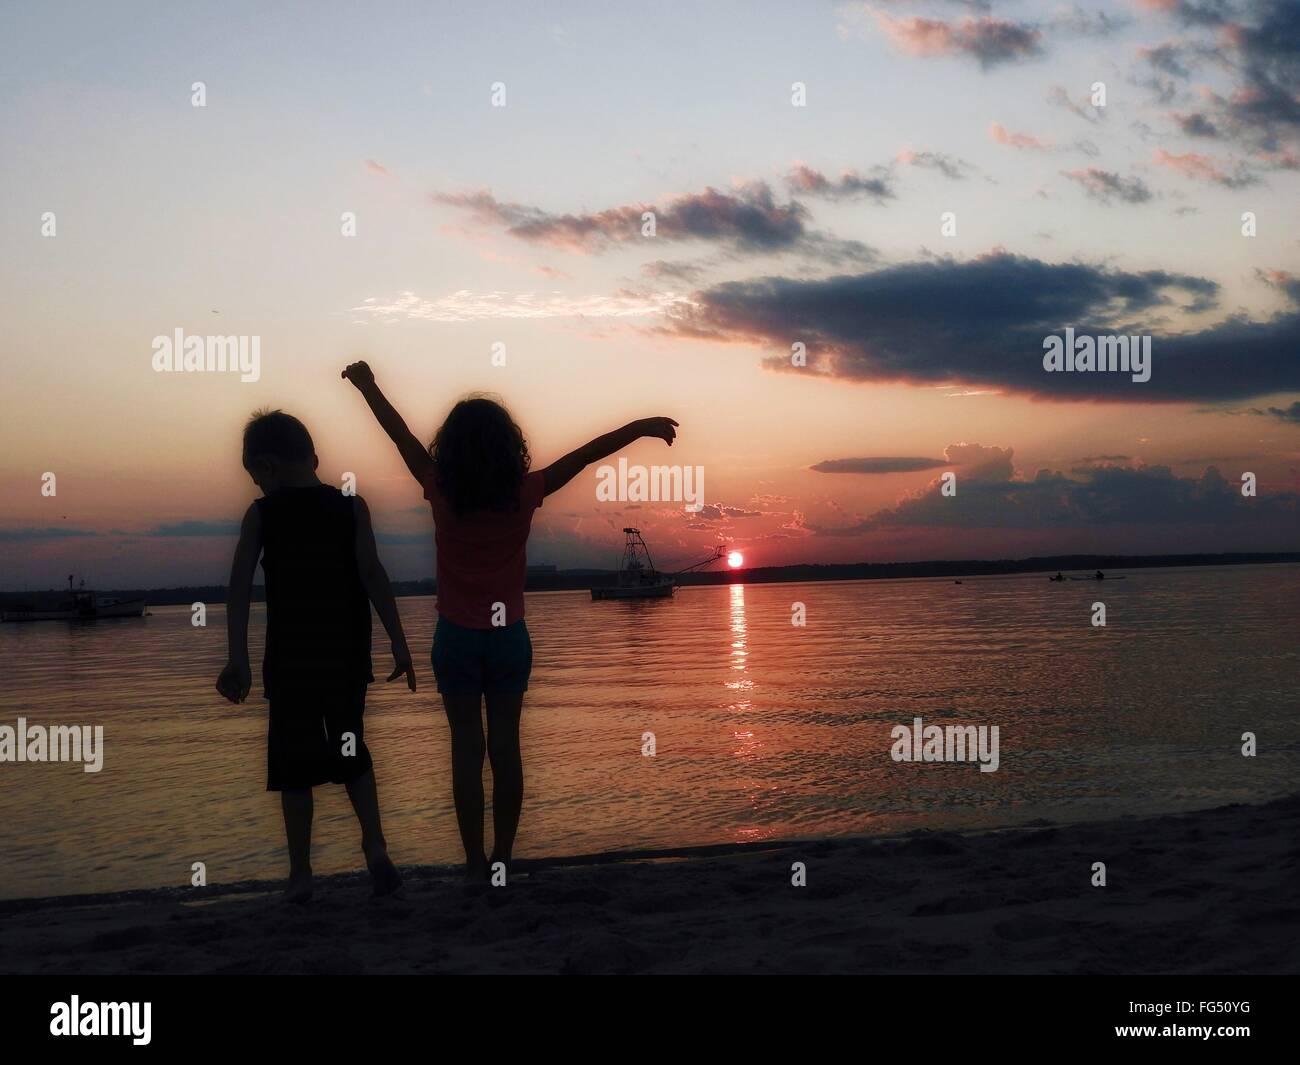 Silueta Hermanos de pie en la playa durante la puesta de sol Imagen De Stock